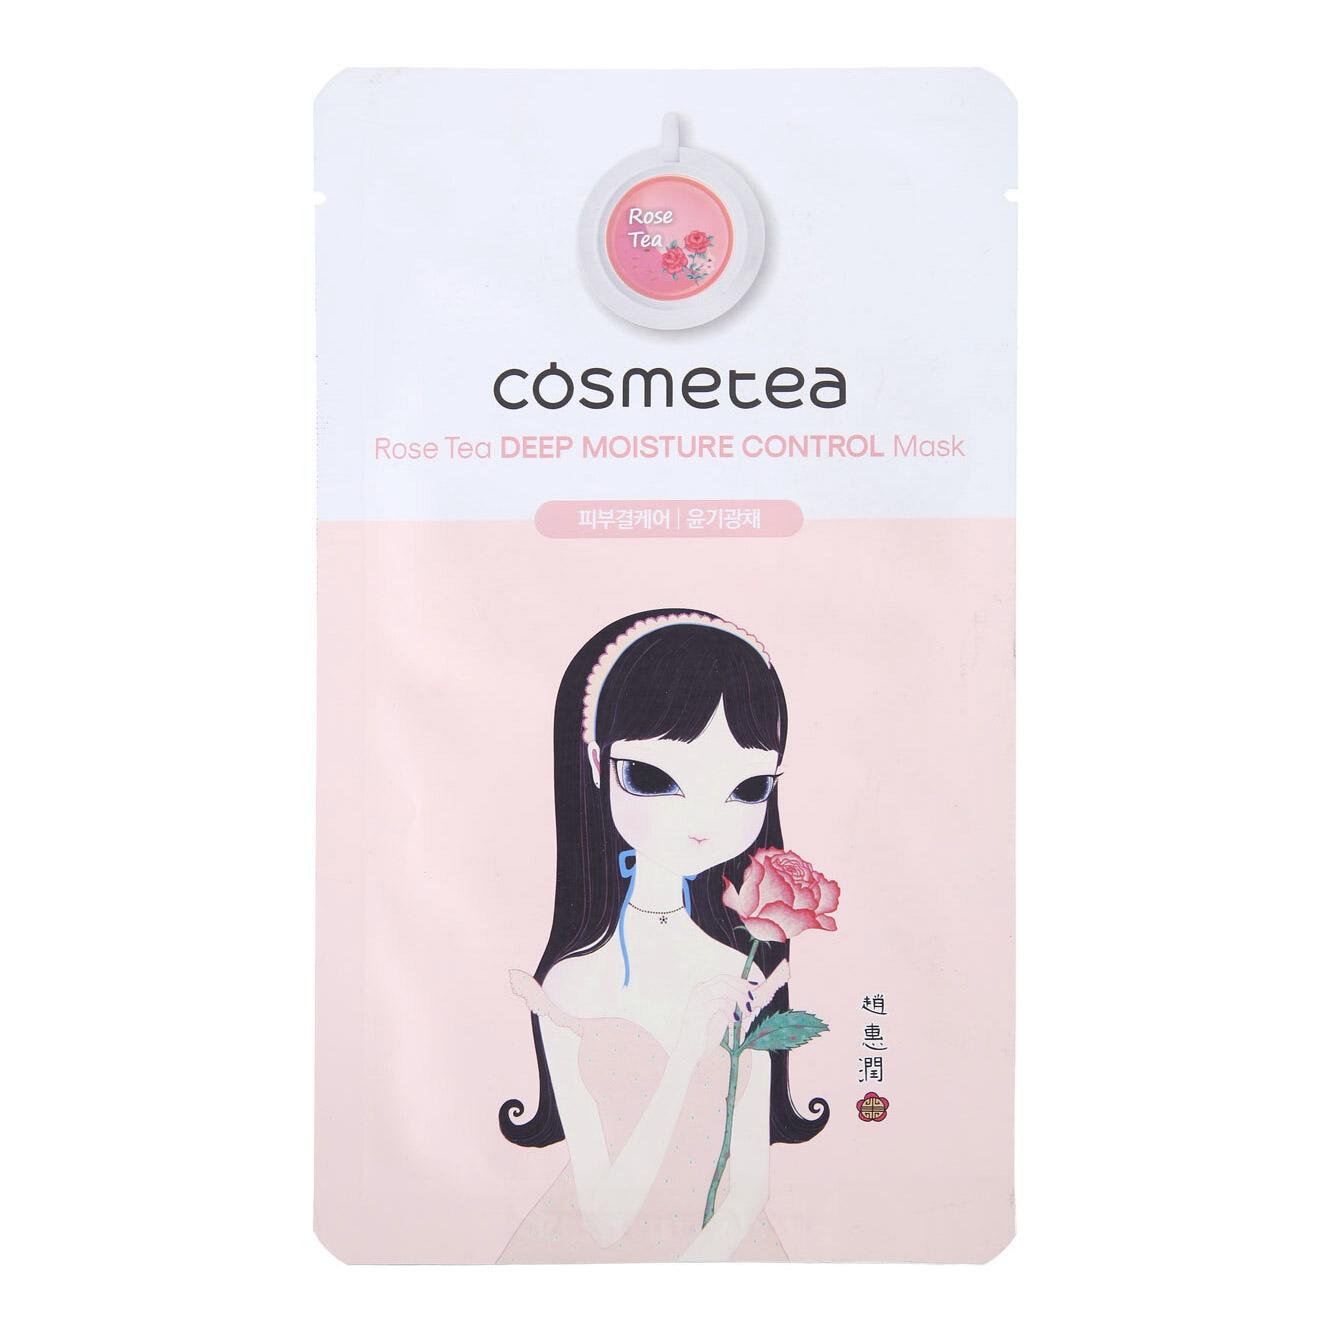 Фото - Био-целлюлозная маска Чай с розой Выравнивающая текстуру кожи 25 мл soleaf тканевая маска выравнивающая для идеально гладкой кожи с папайей 25 мл